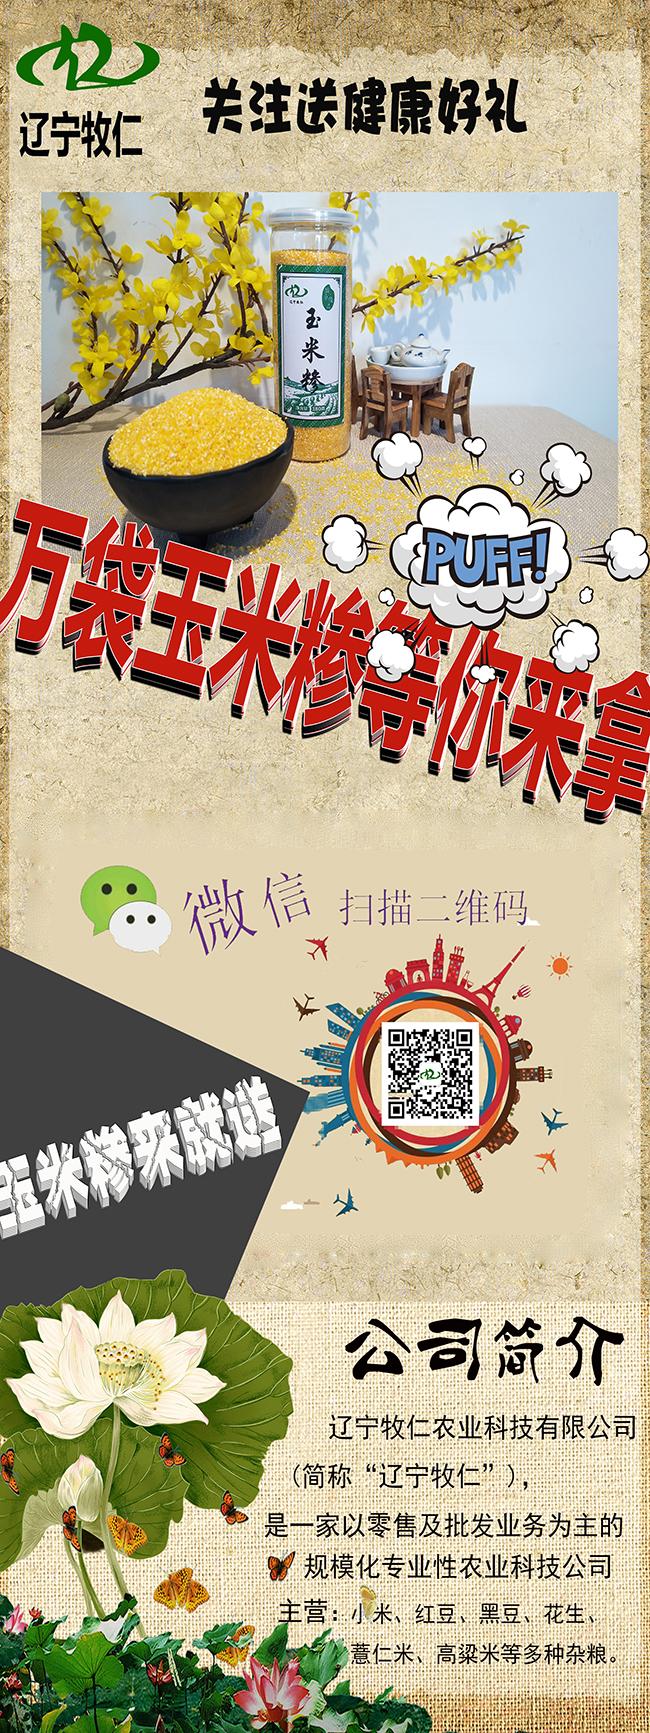 【农业杂粮行业】农业博览会-X展架设计|【雨中漫步网络】上海seo优化 第2张